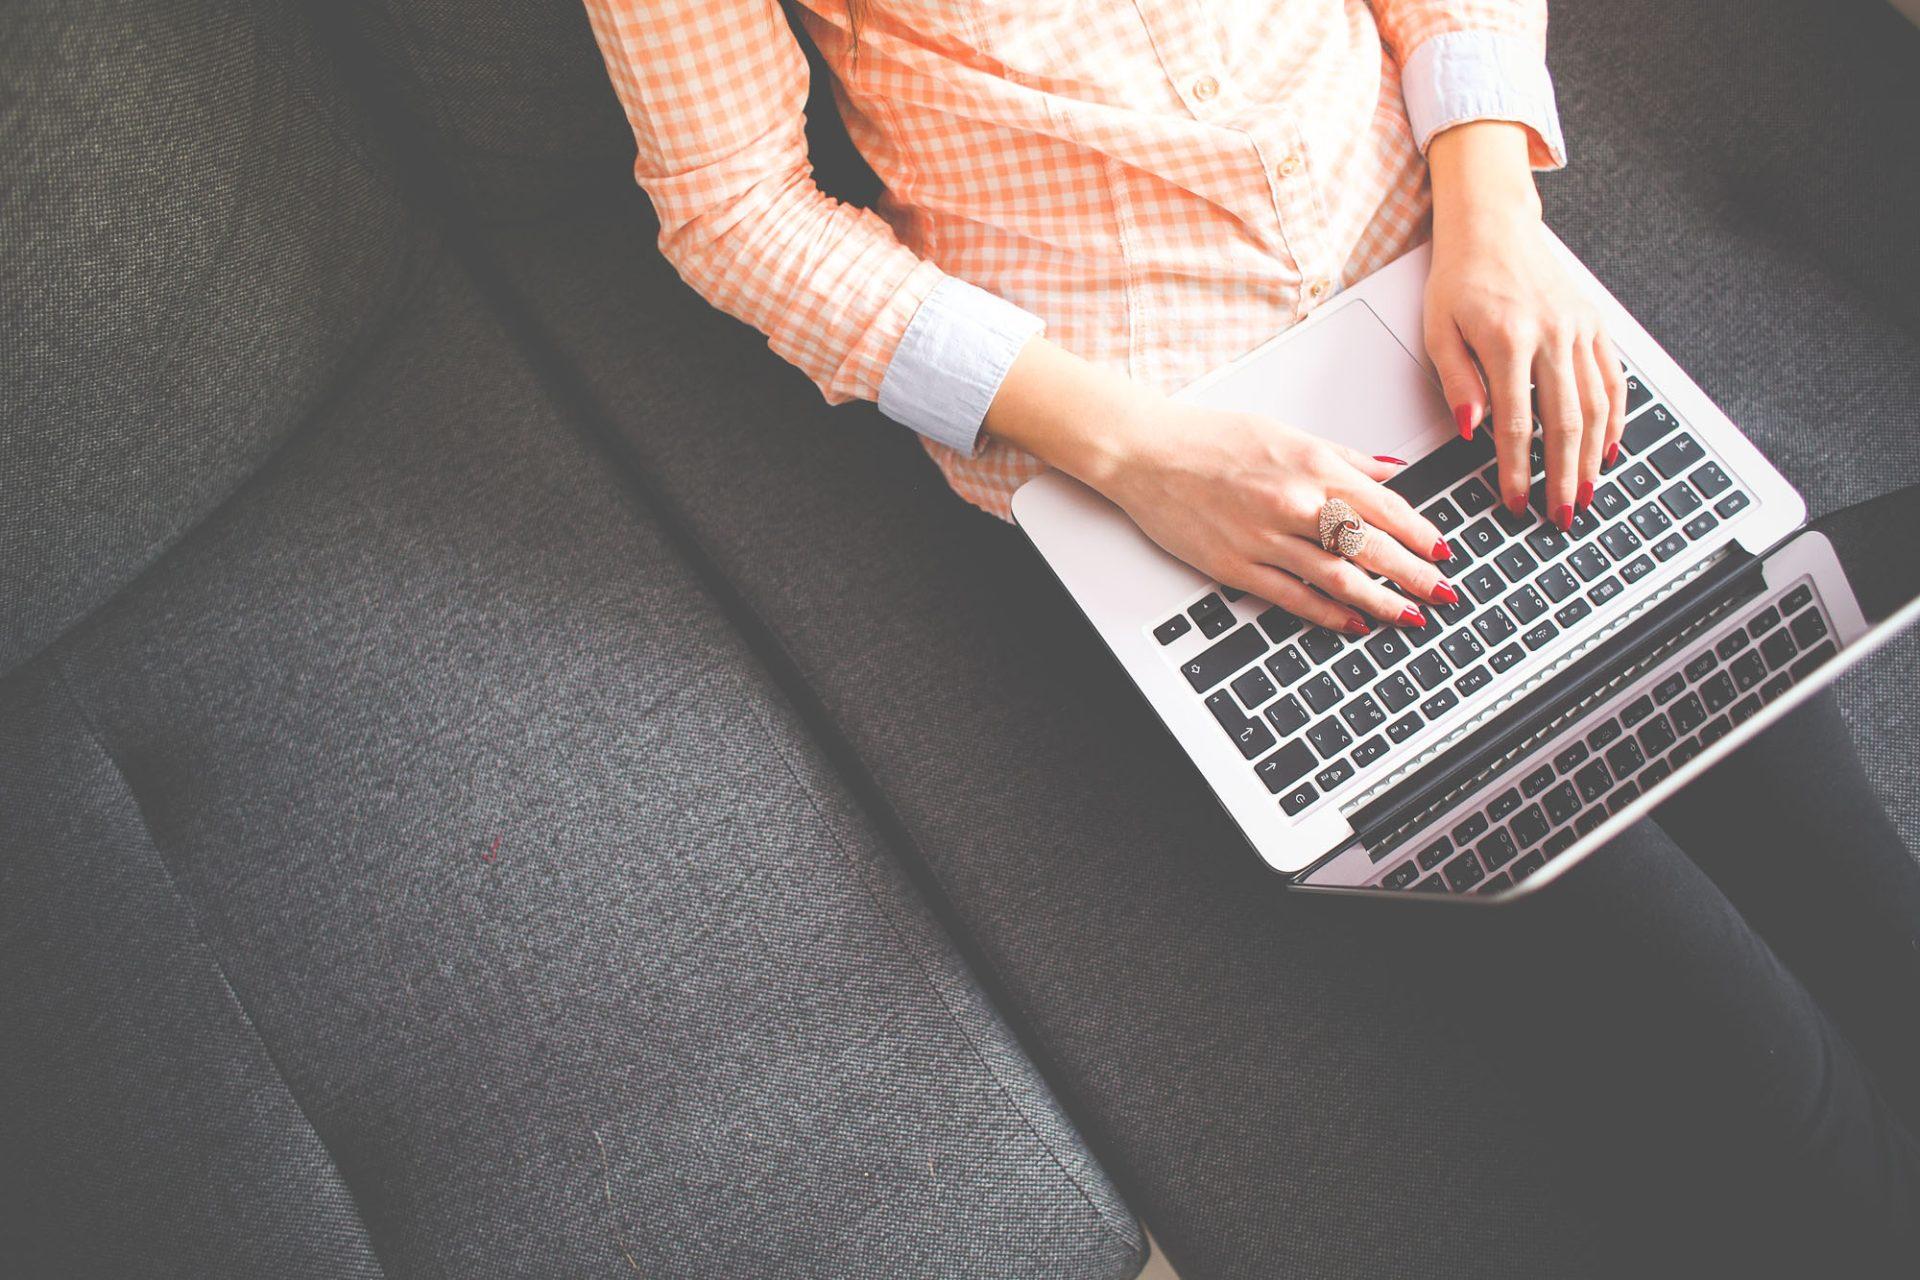 Online-Streaming: Was ist erlaubt? Und was ist strafbar? 5